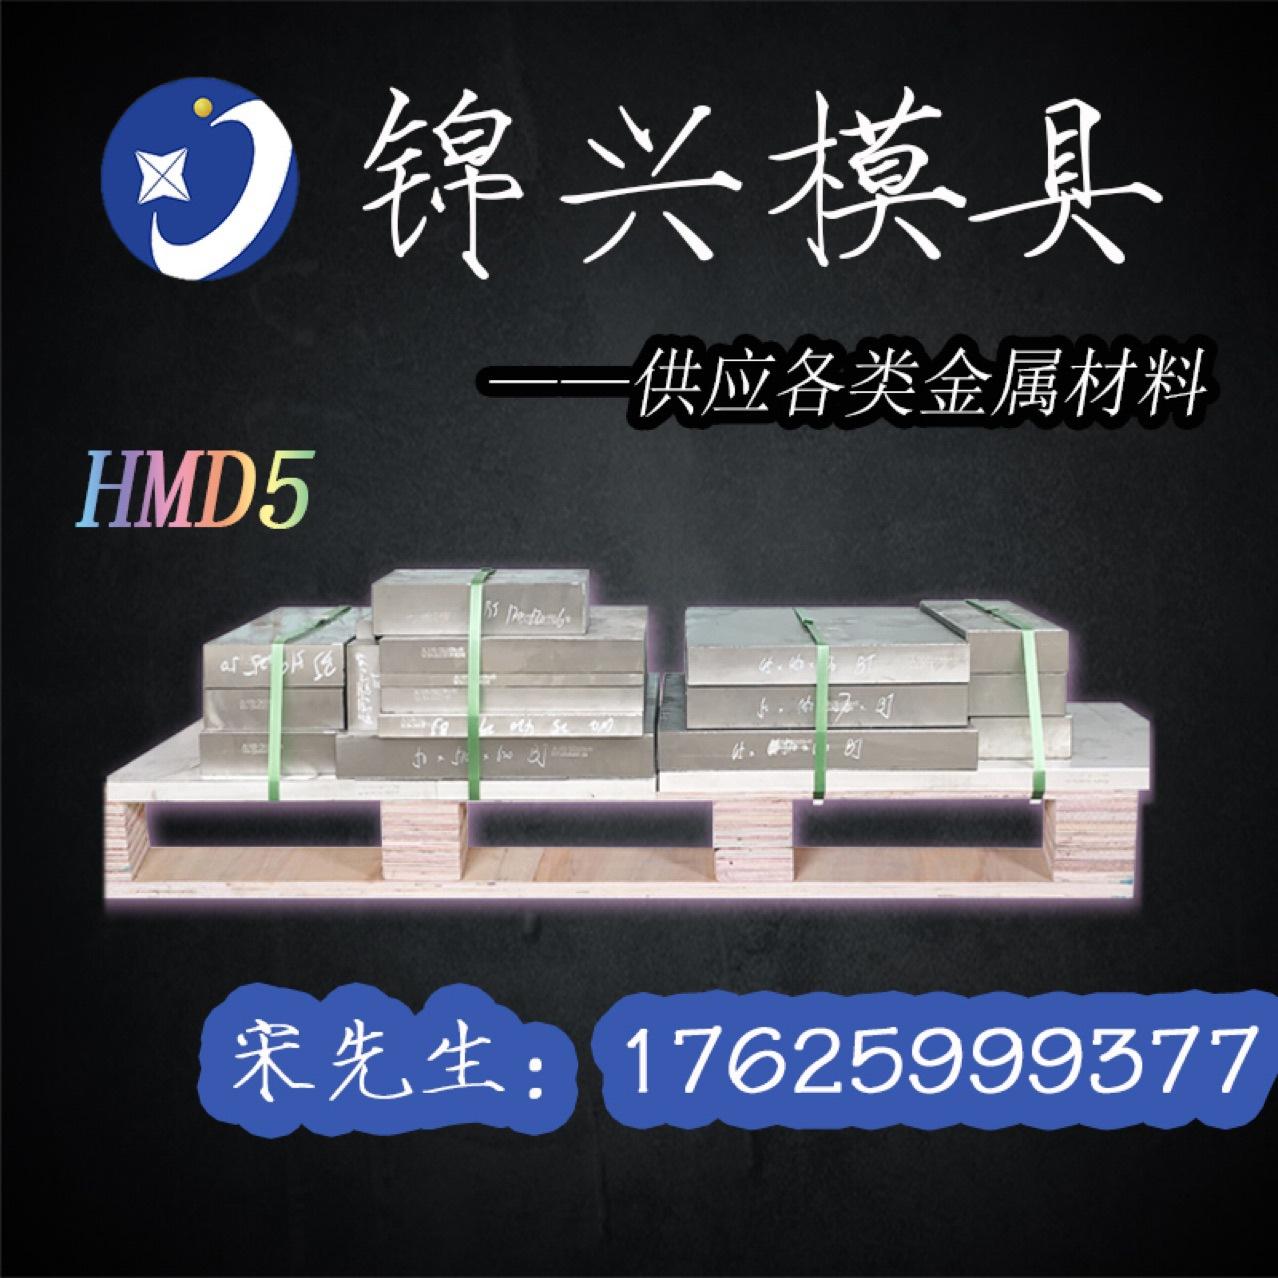 【日本日立】HITACHI HMD5进口冷作工具钢 火焰钢淬火HMD5模具钢